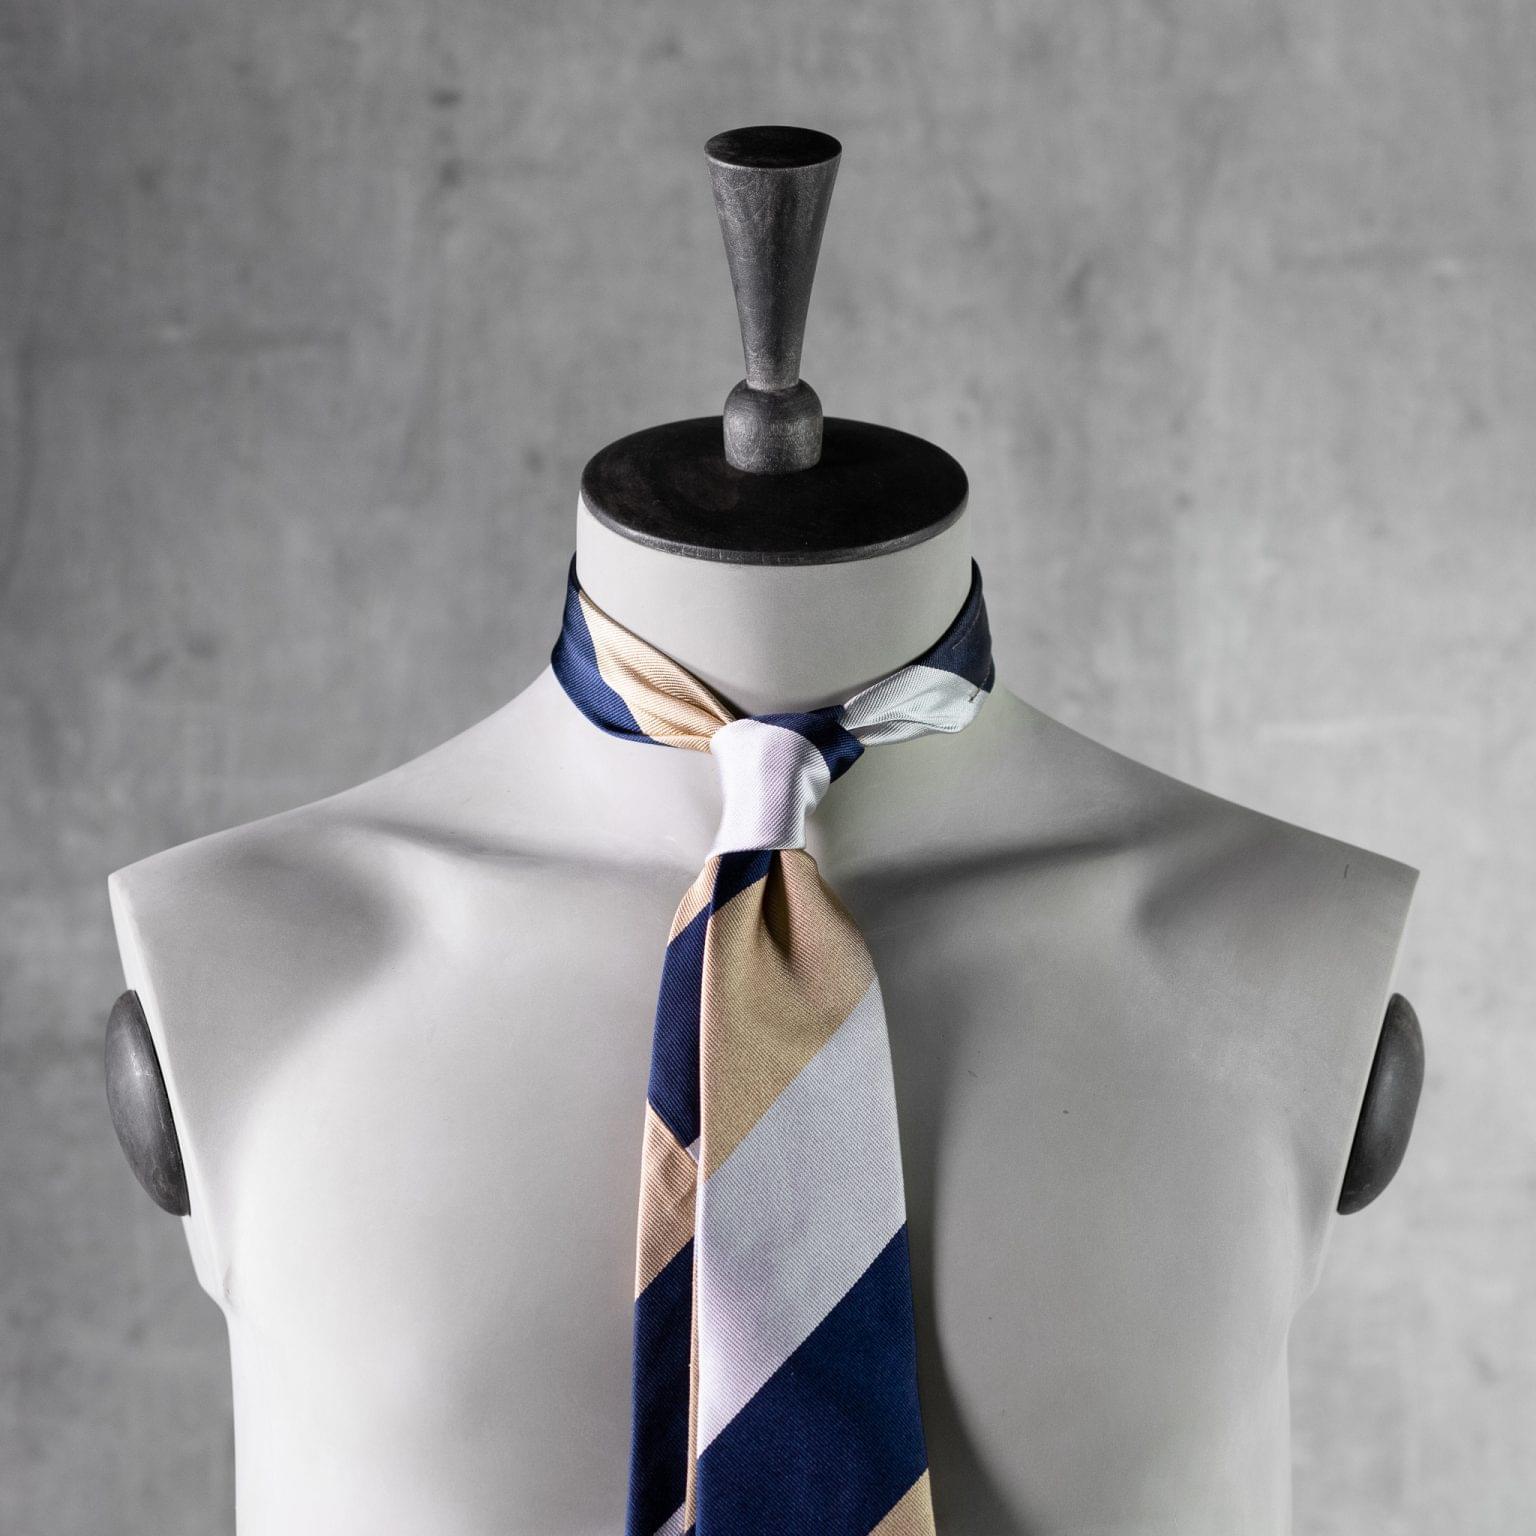 JACQUARD-0541-Tie-Initials-Corbata-Iniciales-The-Seelk-3